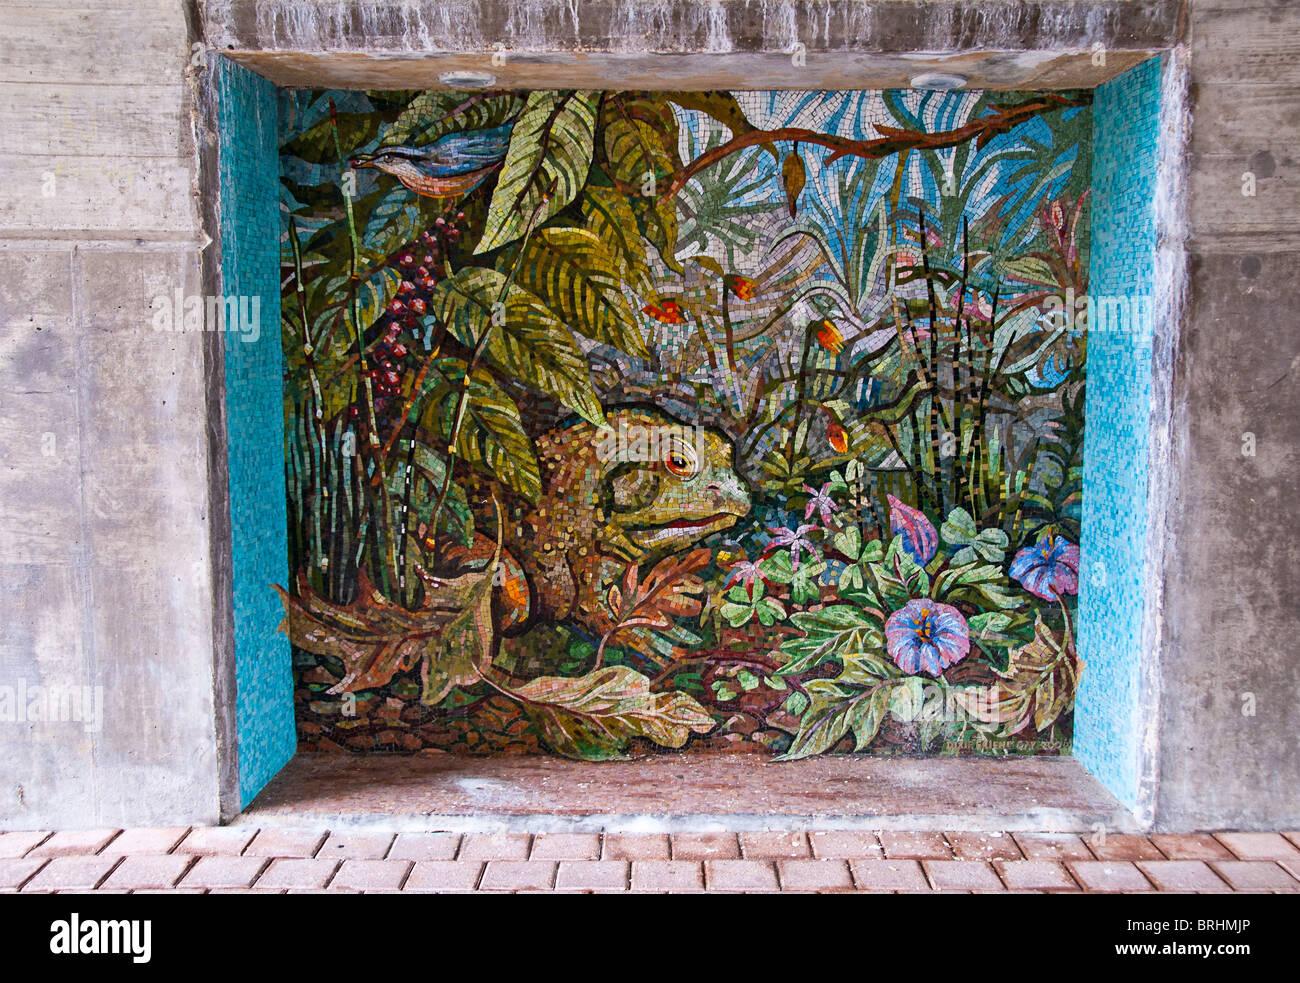 Piastrella mosaico arte lungo la passerella sotto il ponte nei boschi, Texas, Stati Uniti d'America Immagini Stock